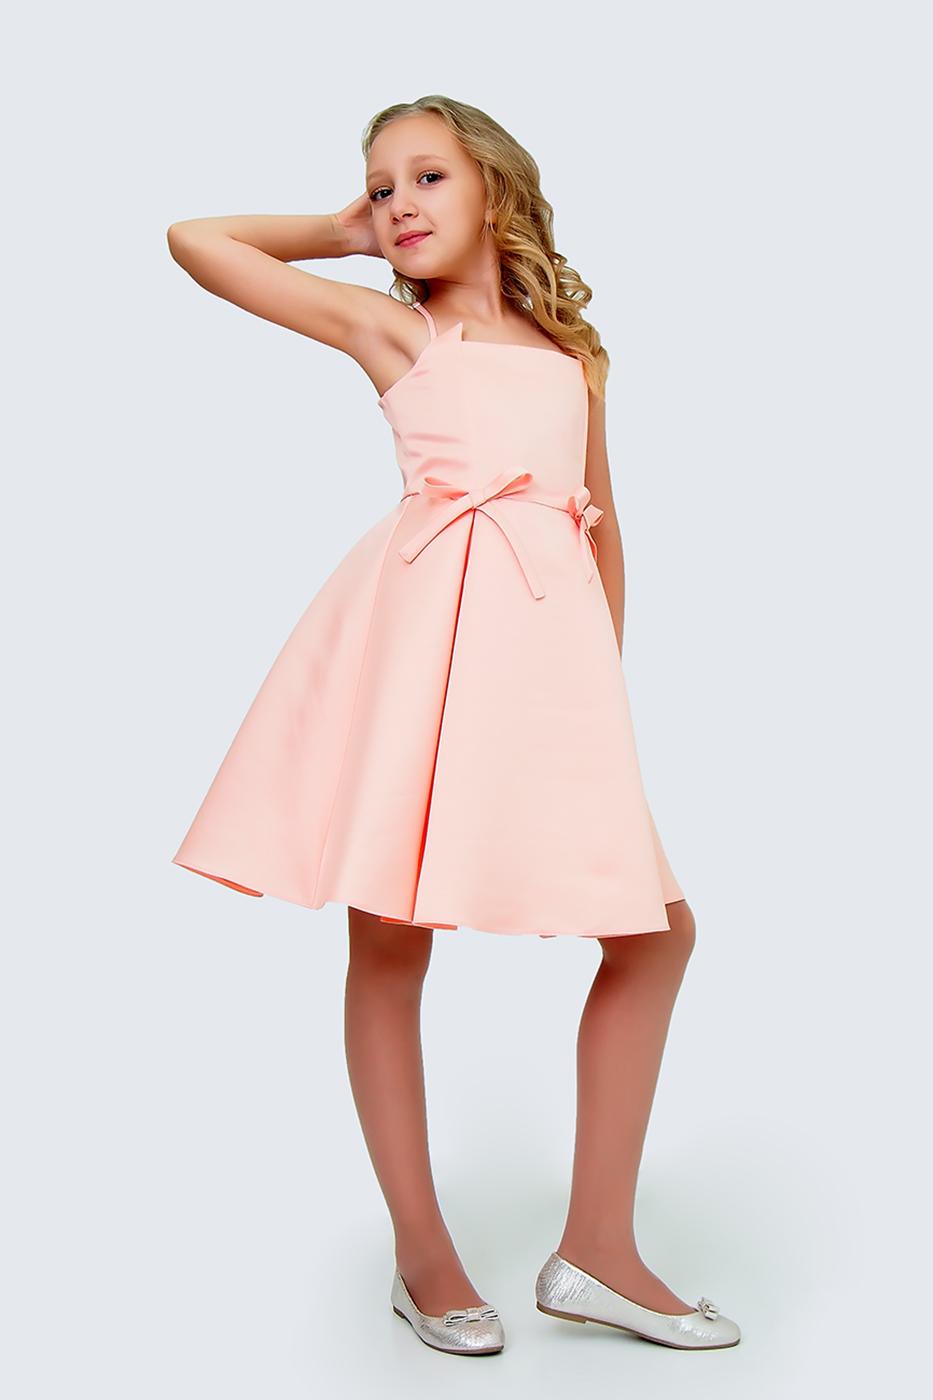 Купить Платье для девочек, МОСМЕХА, бежевый, 5100444